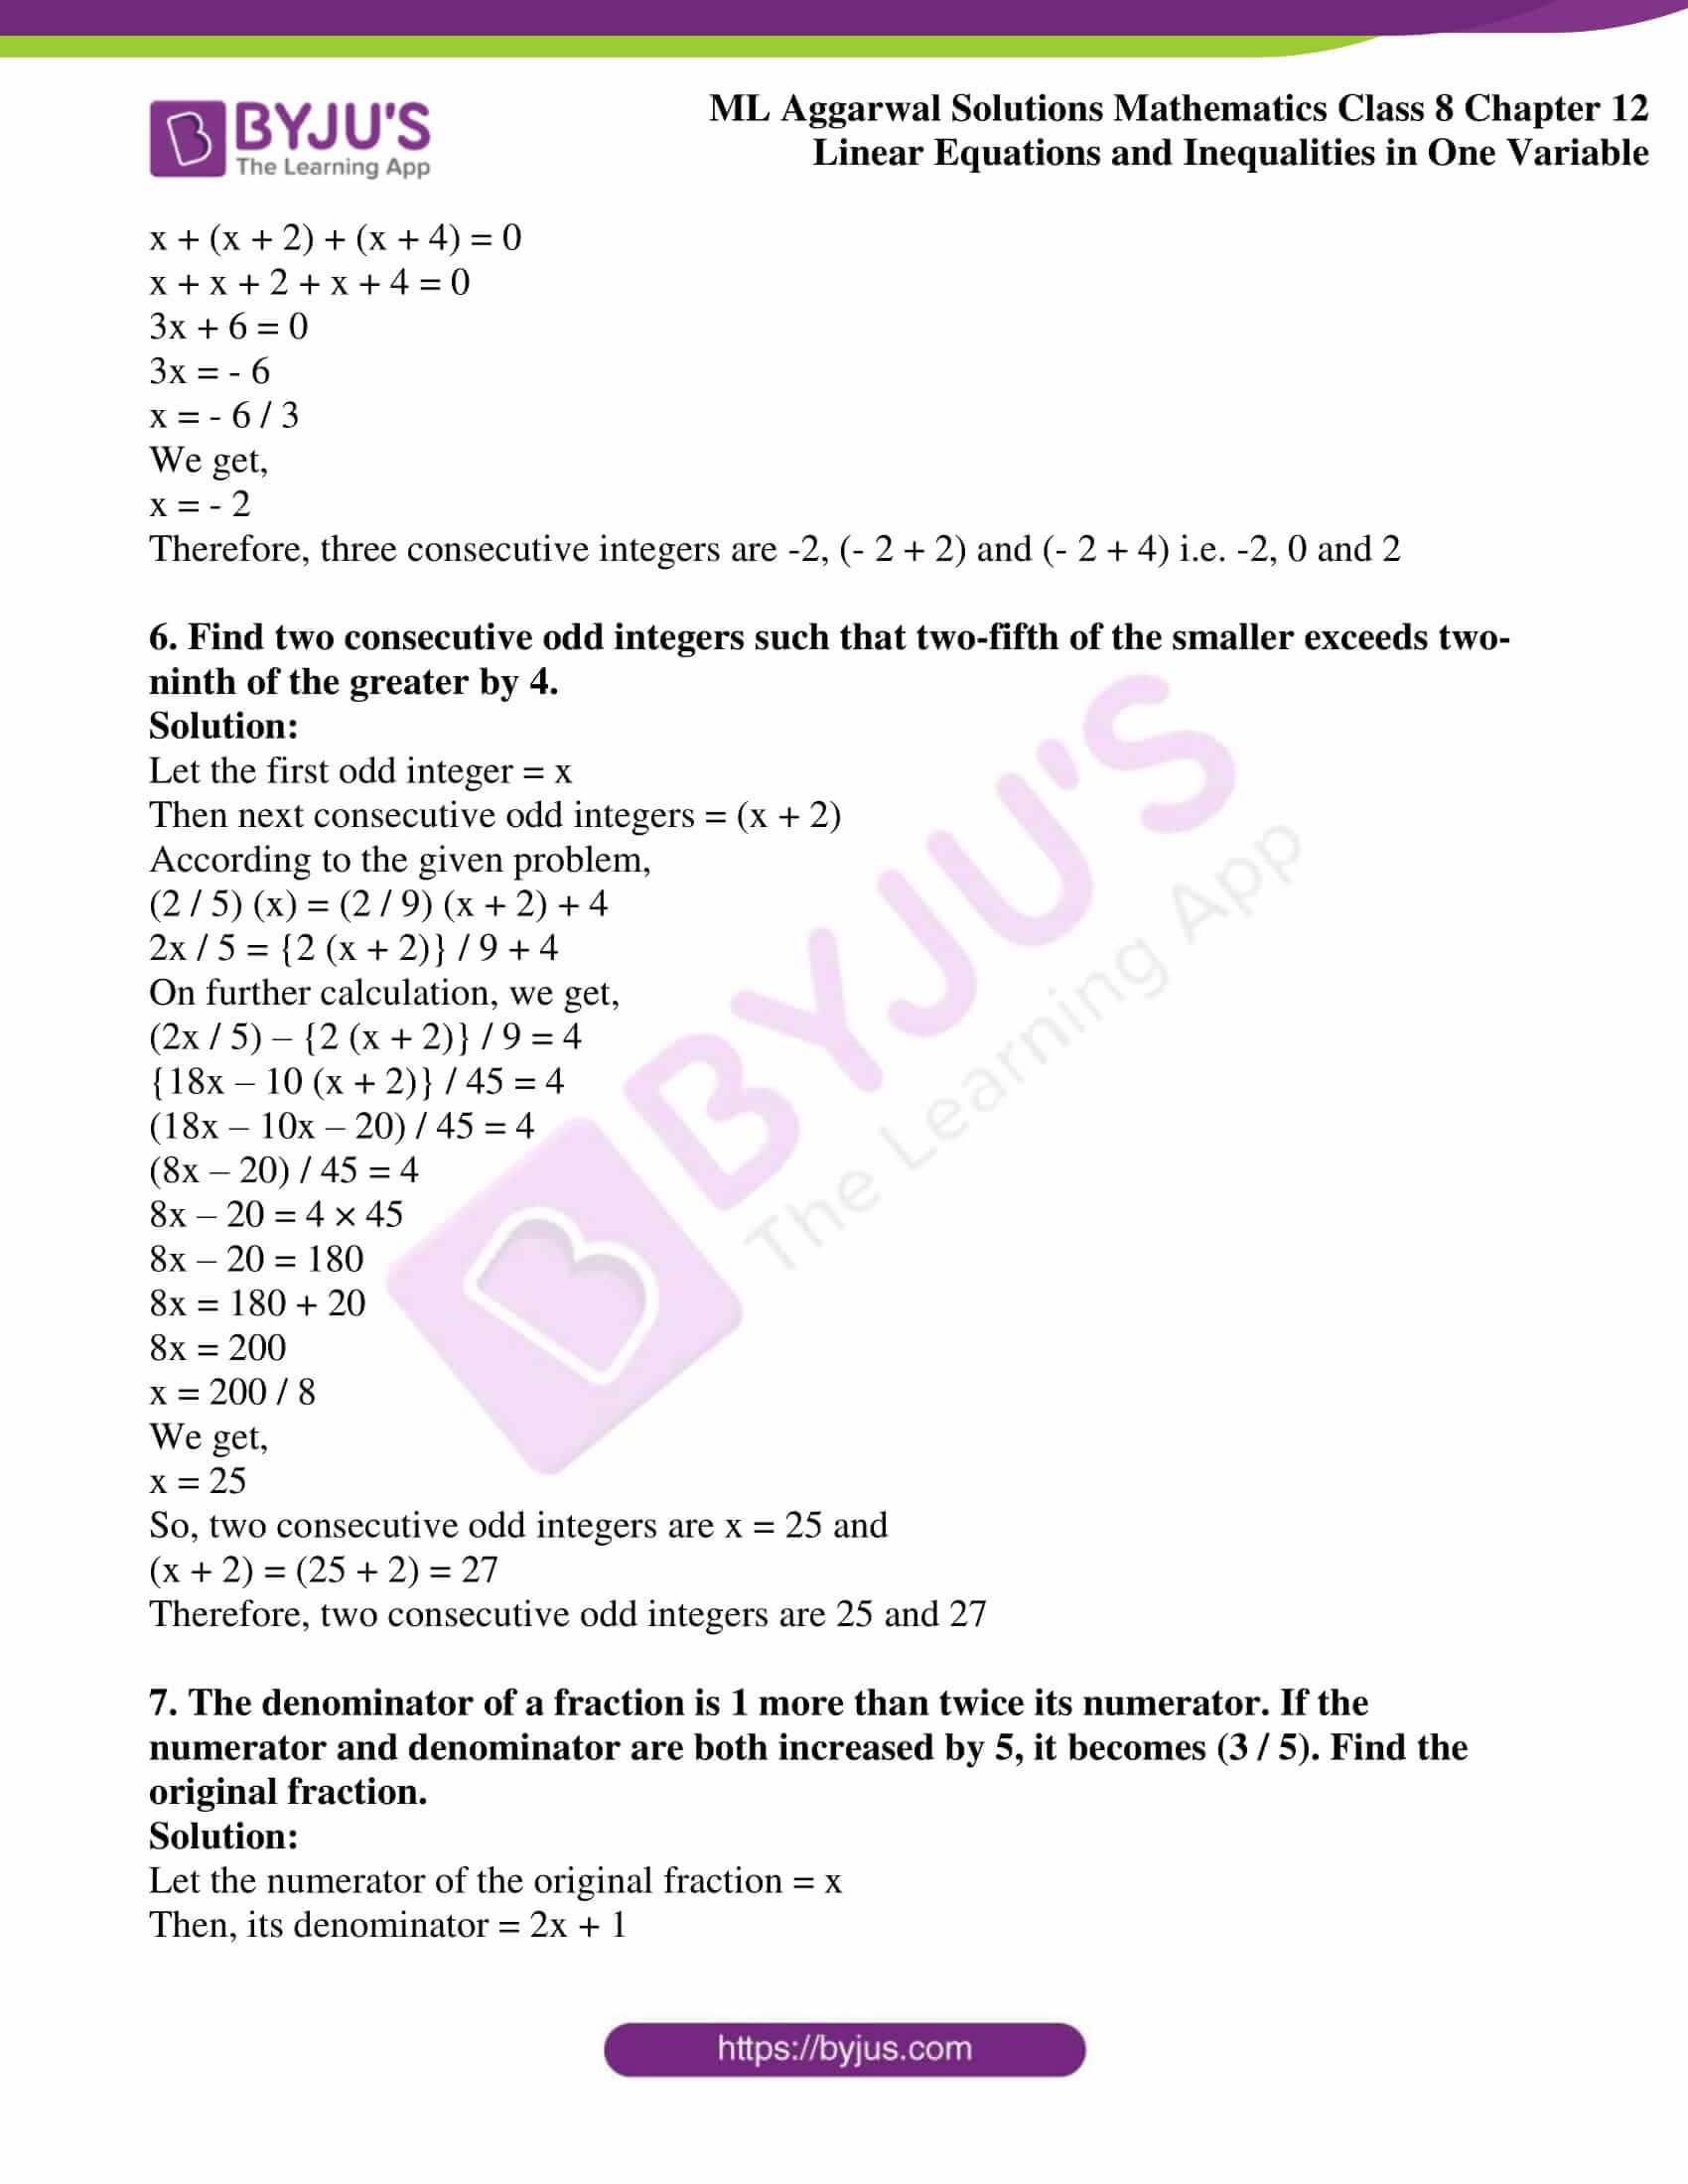 ml aggarwal sol mathematics class 8 ch 12 12